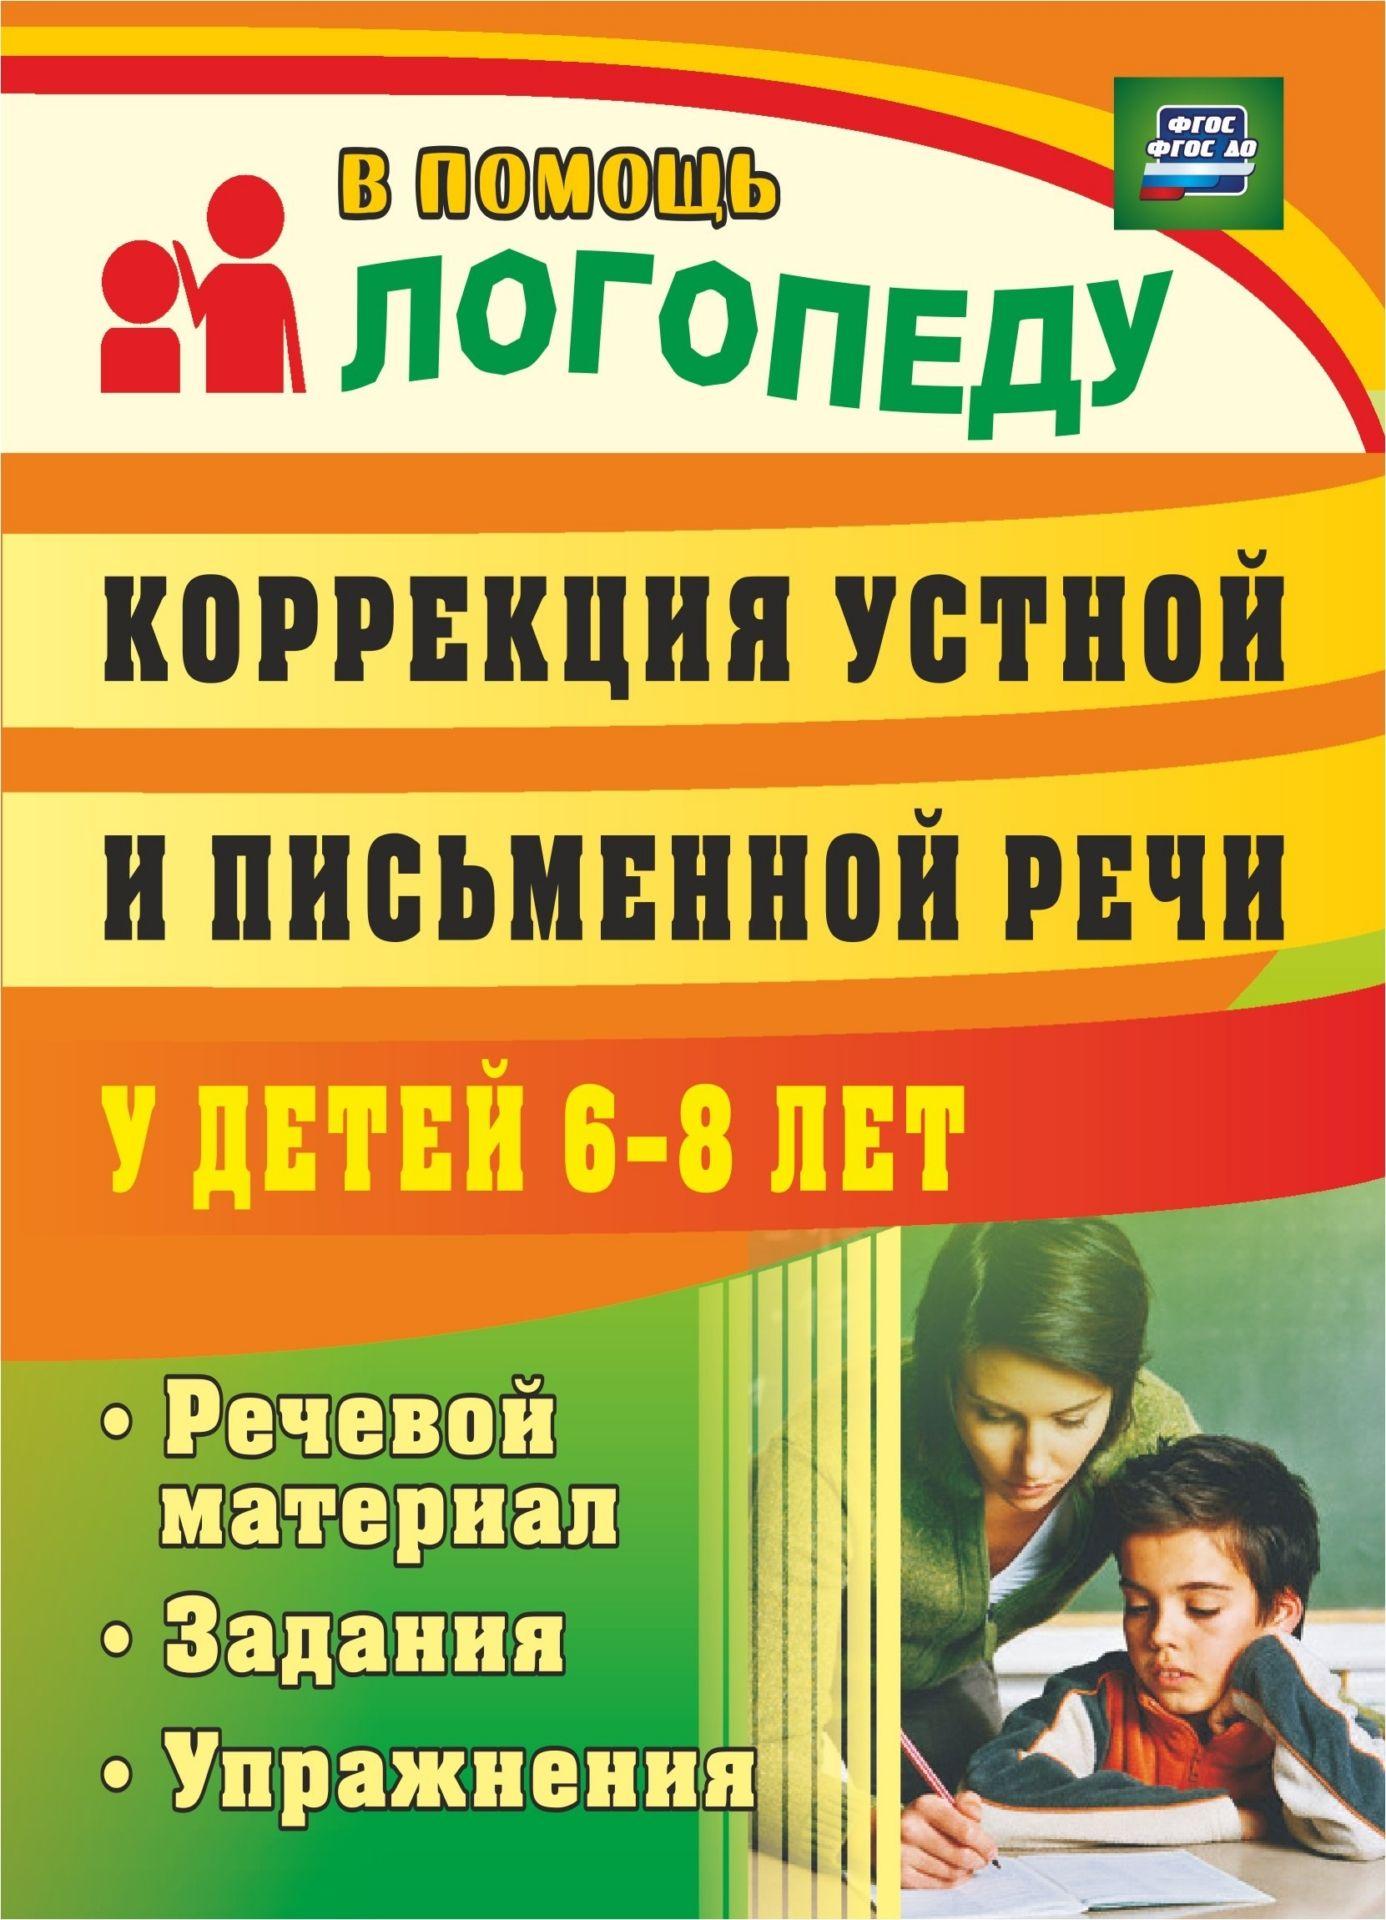 А. Ф. Рыбина Коррекция устной и письменной речи у детей 6-8 лет: речевой материал, задания, упражнения